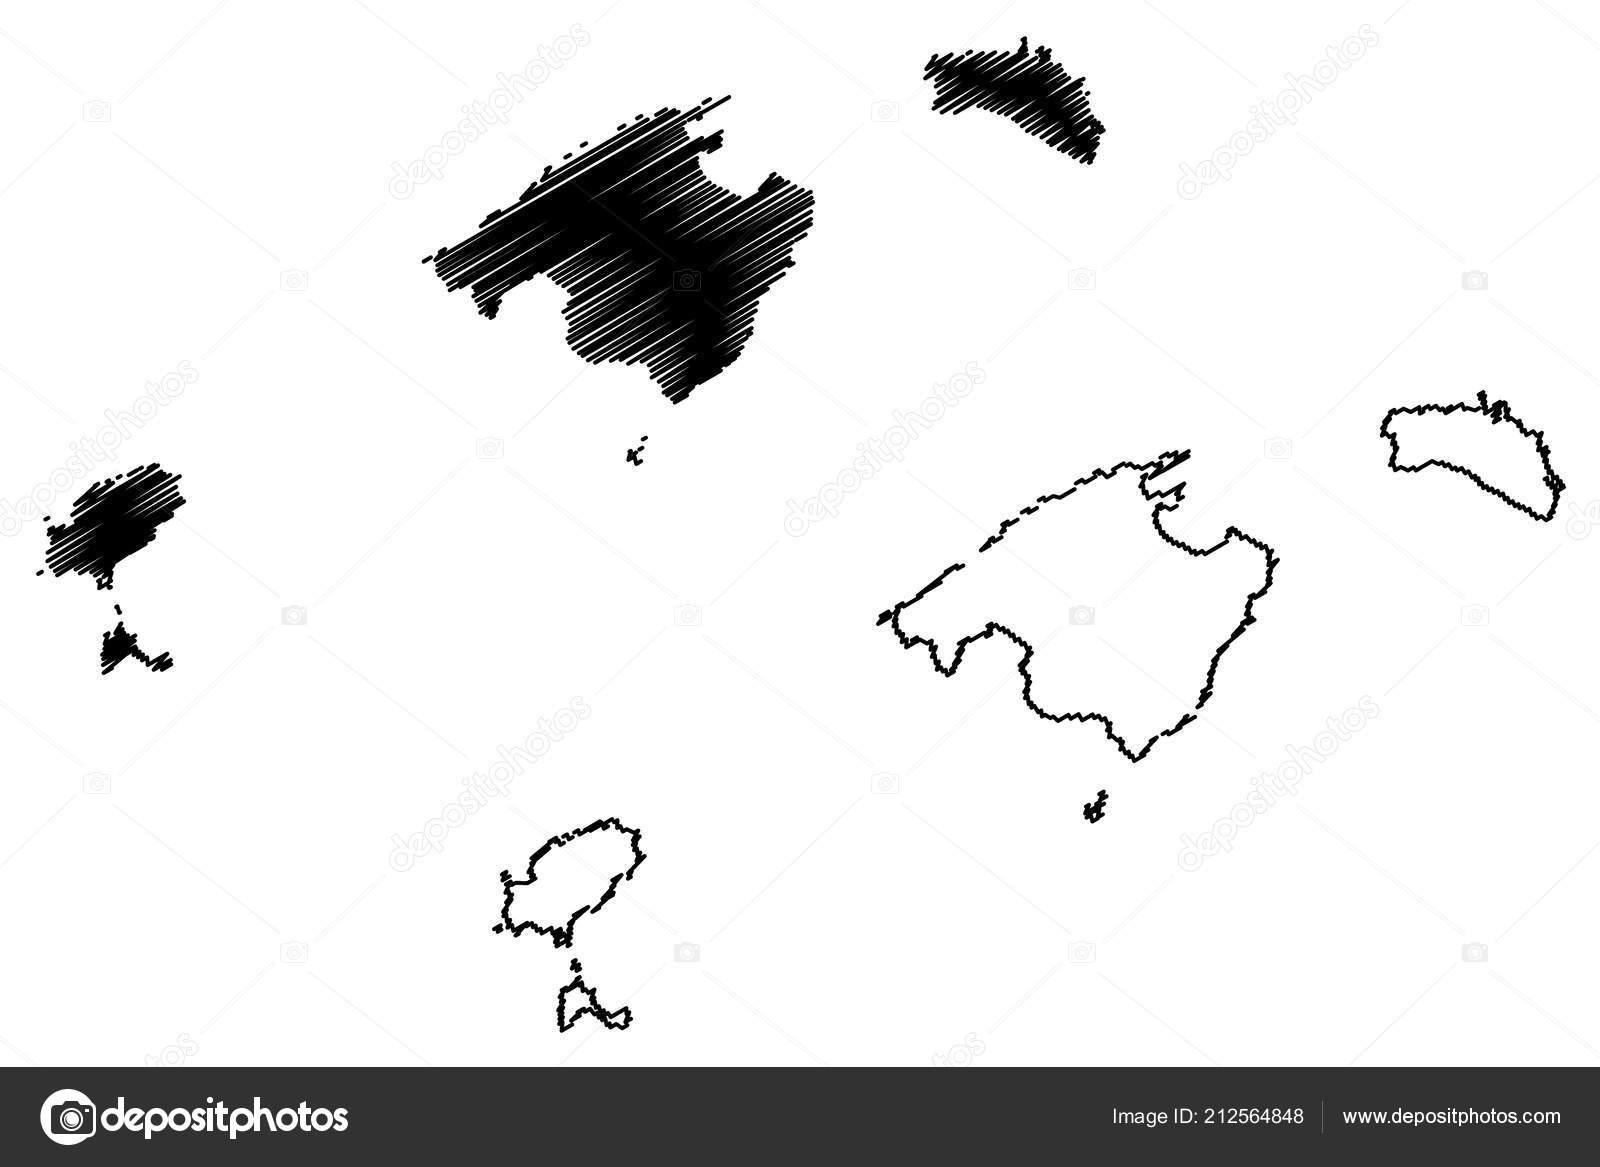 Autonome Regionen Spanien Karte.Balearen Konigreich Von Spanien Autonome Region Karte Vektor